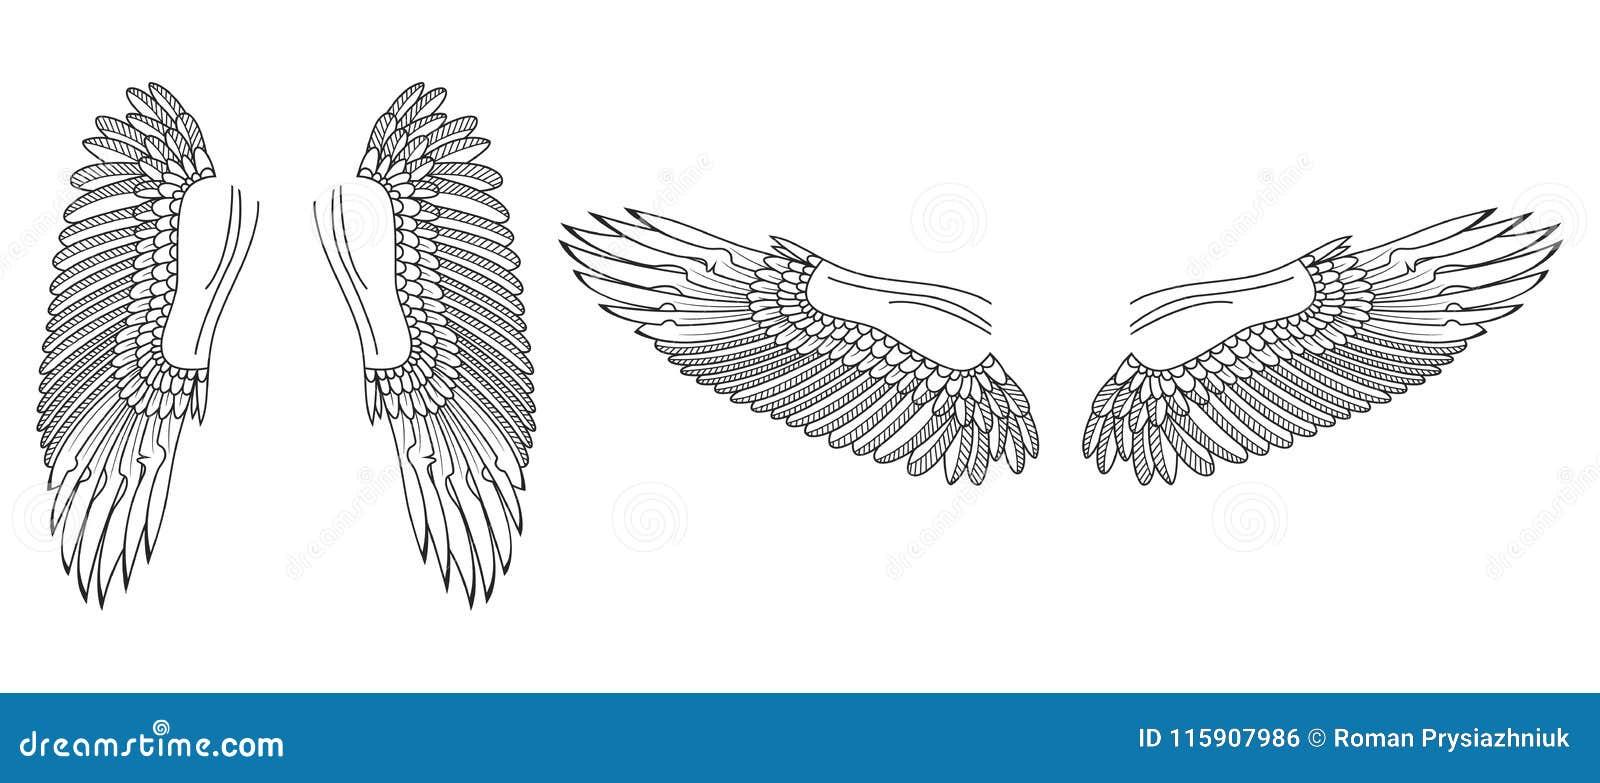 Schizzo Delle Ali Uccello O Ali Disegnate A Mano Di Angelo Vettore